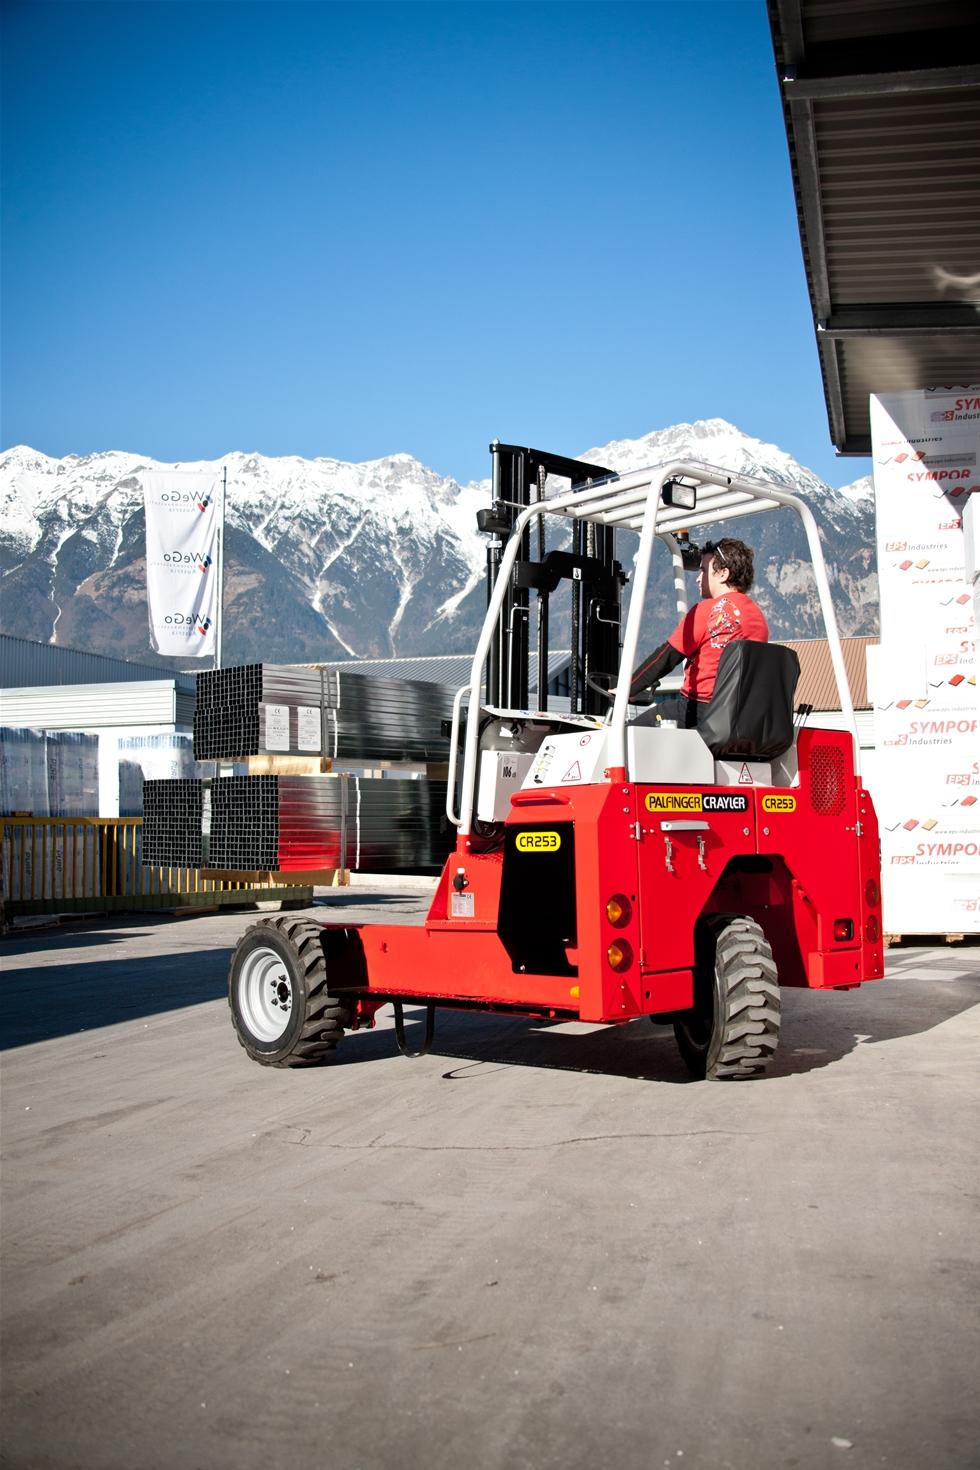 Palfinger Europe har beslutat att Hinz Försäljnings AB tar över agenturen för Palfingers påhängs- och boxmonterade truckar i Sverige. Hinz grundades 1973 och har varit generalagenten för Palfingers breda produktprogram i Sverige sedan dess. Bolaget erbjuder även sedan en tid tillbaka bakgavellyftar med kompletterande service. Produktspecialist för segmenten påhängstruckar och bakgaveliftar är Per Stohr.